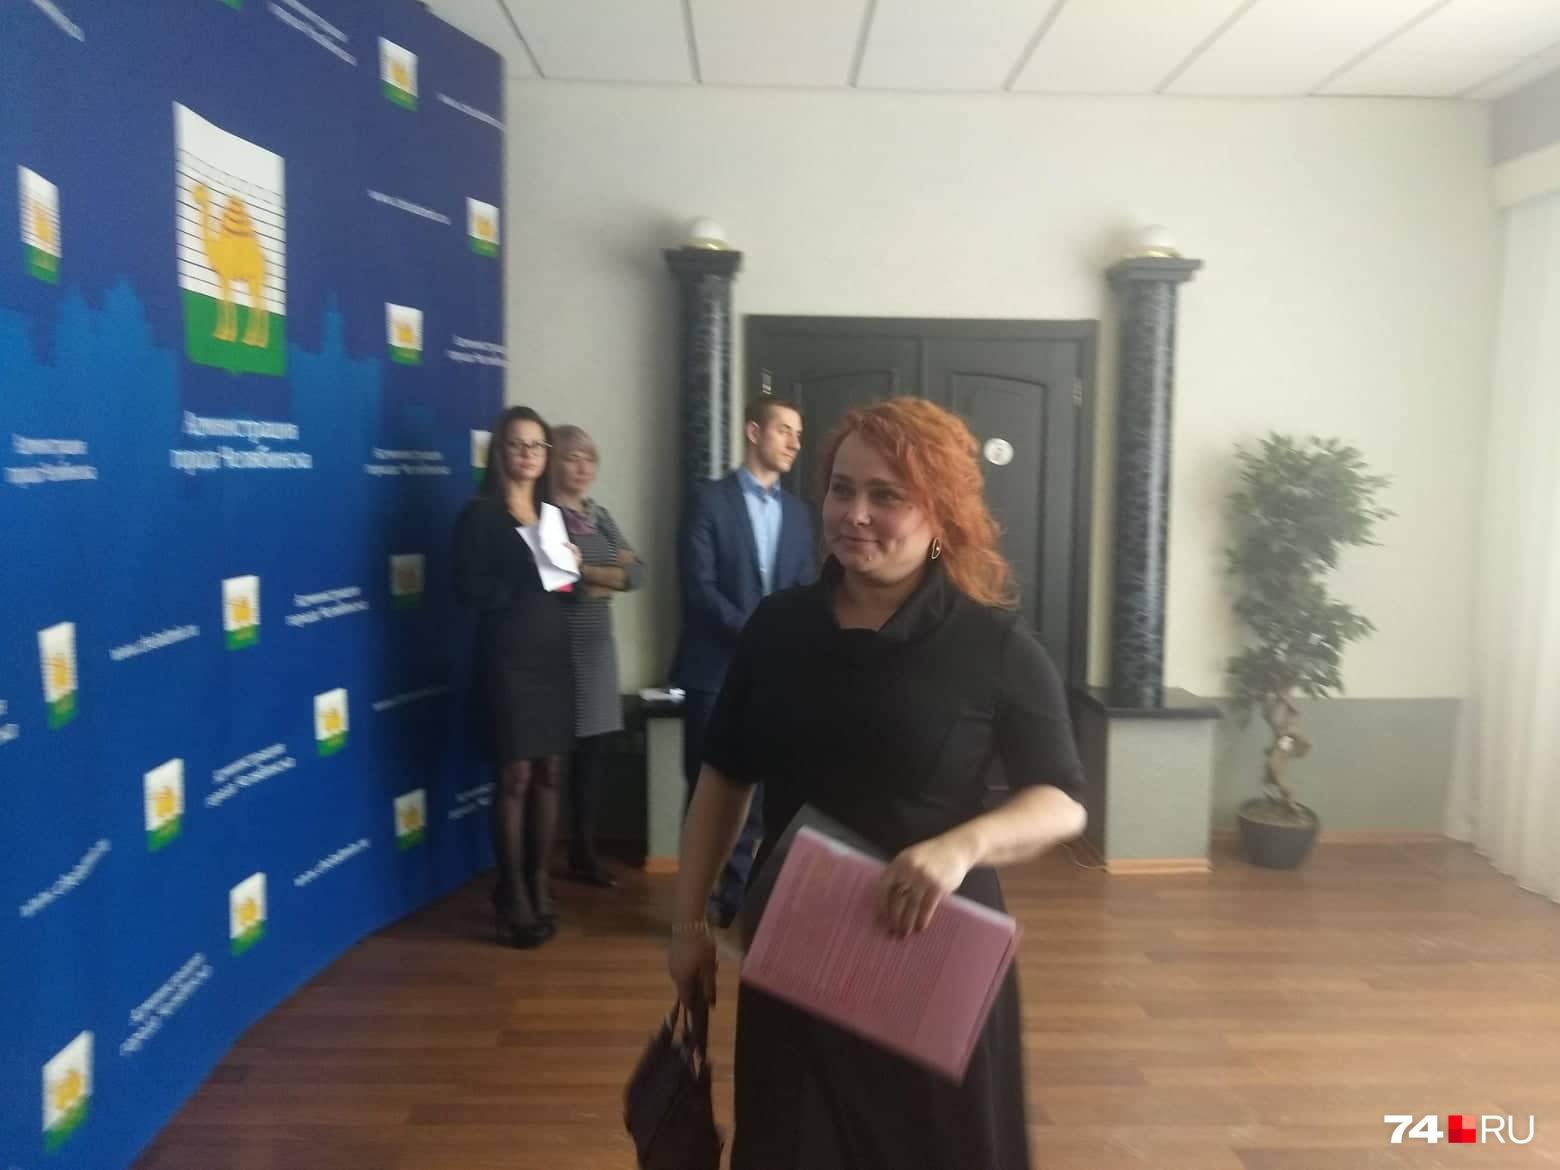 Татьяна Омельченко — единственная женщина-кандидат в мэры